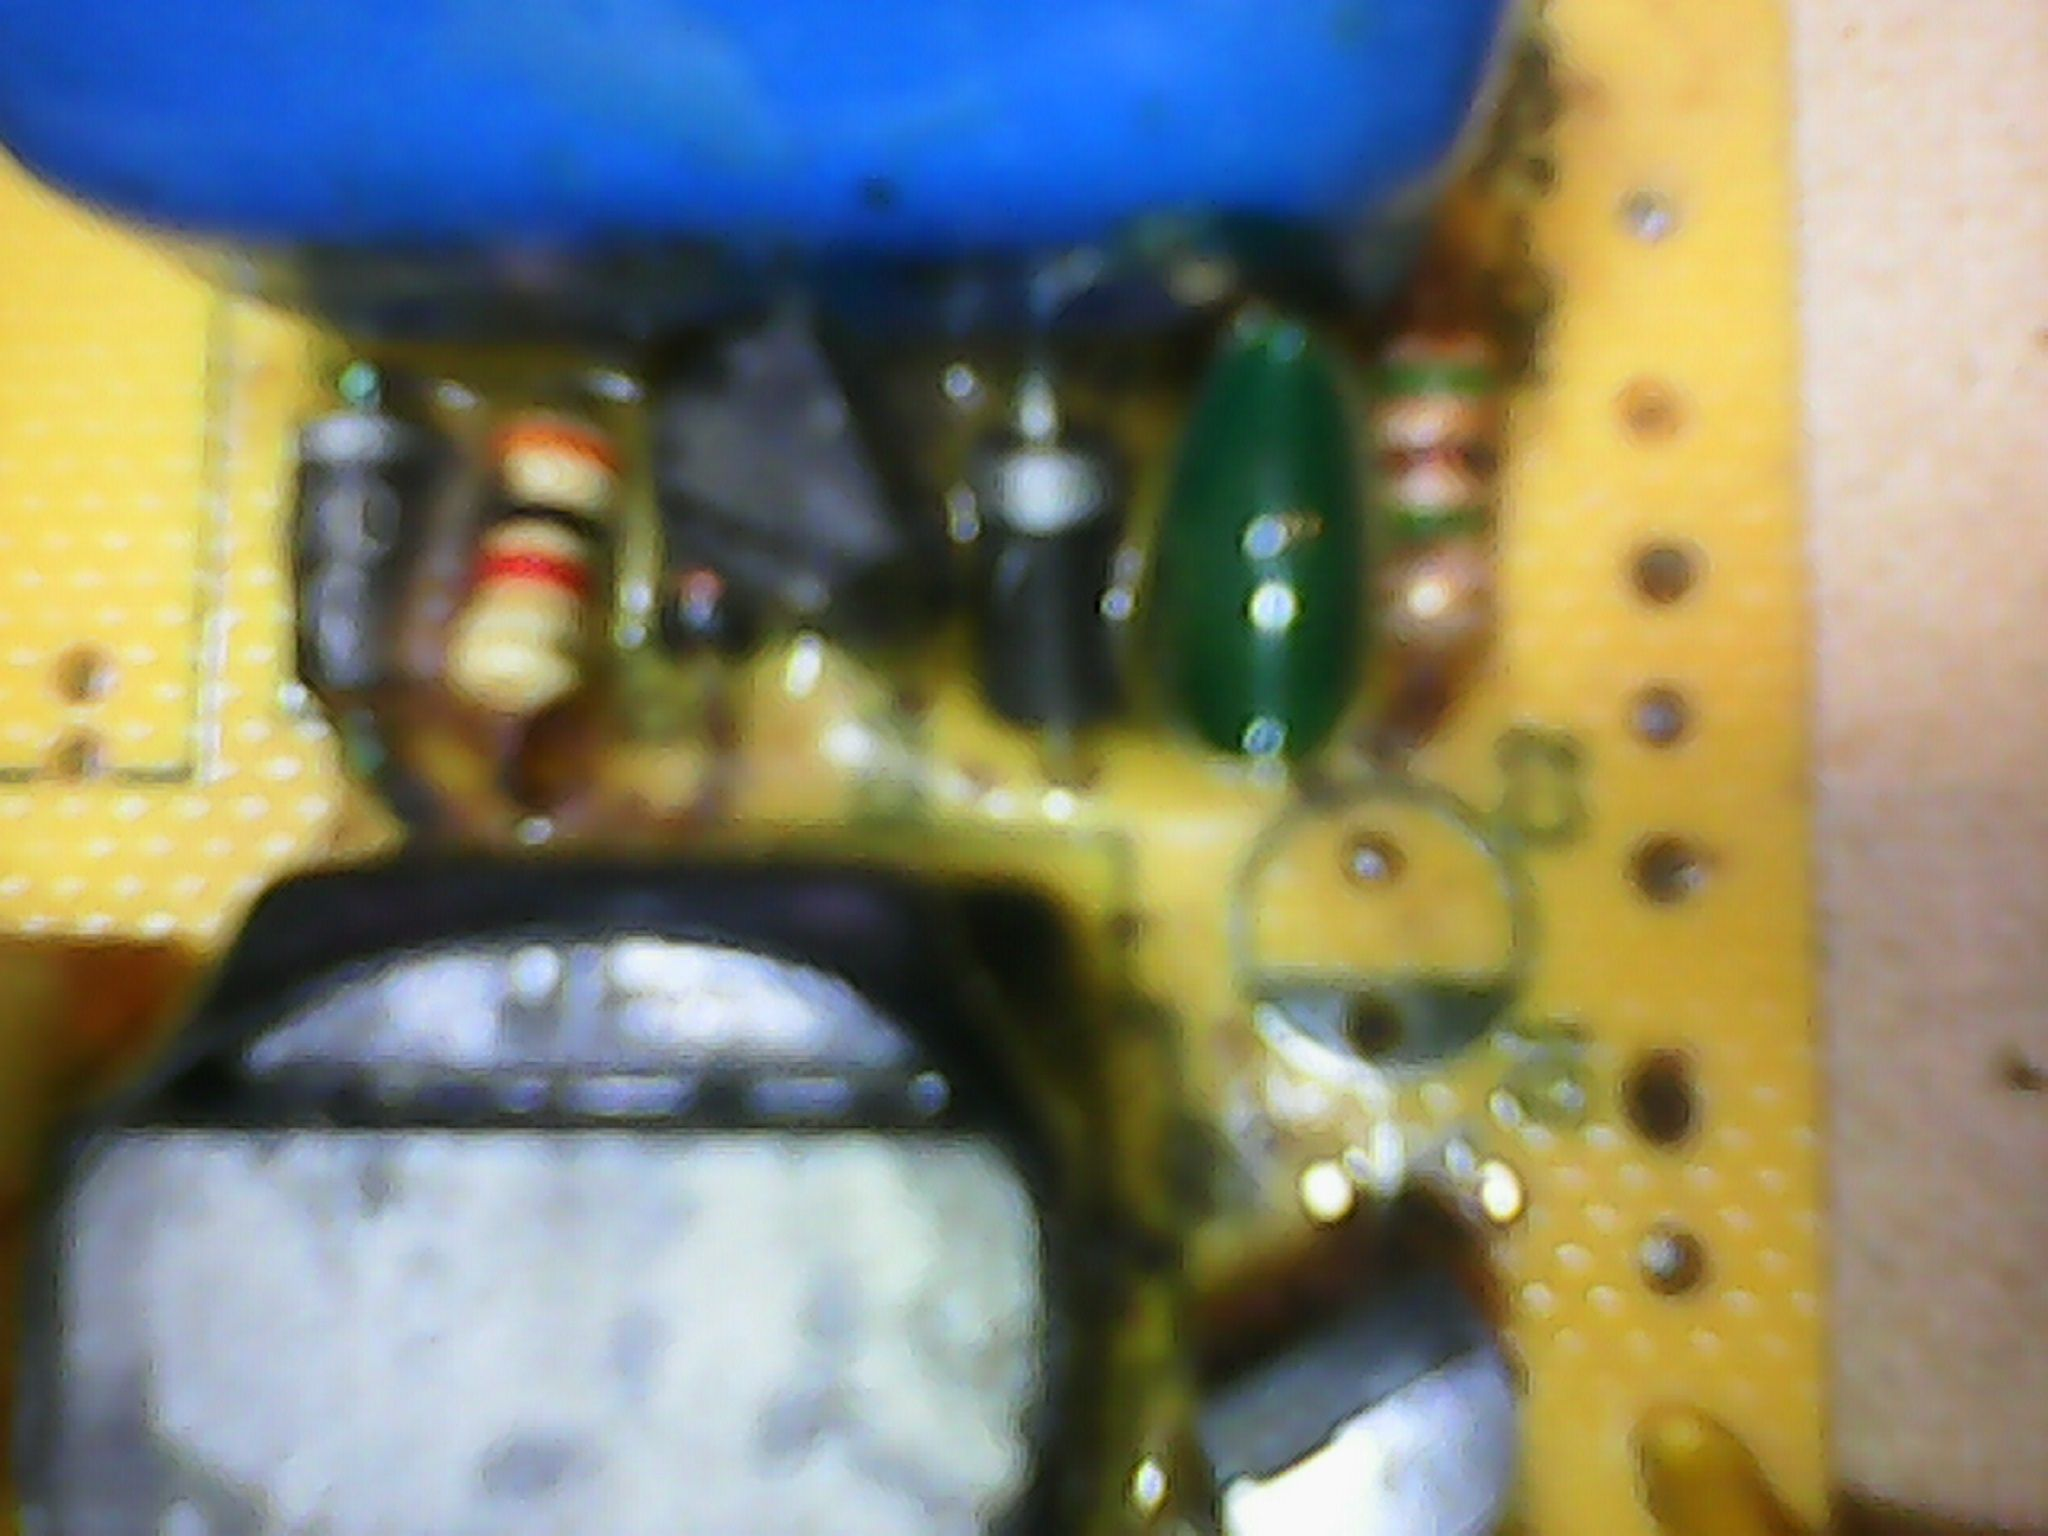 摩托车 汽车 高压包 维修 高清图片